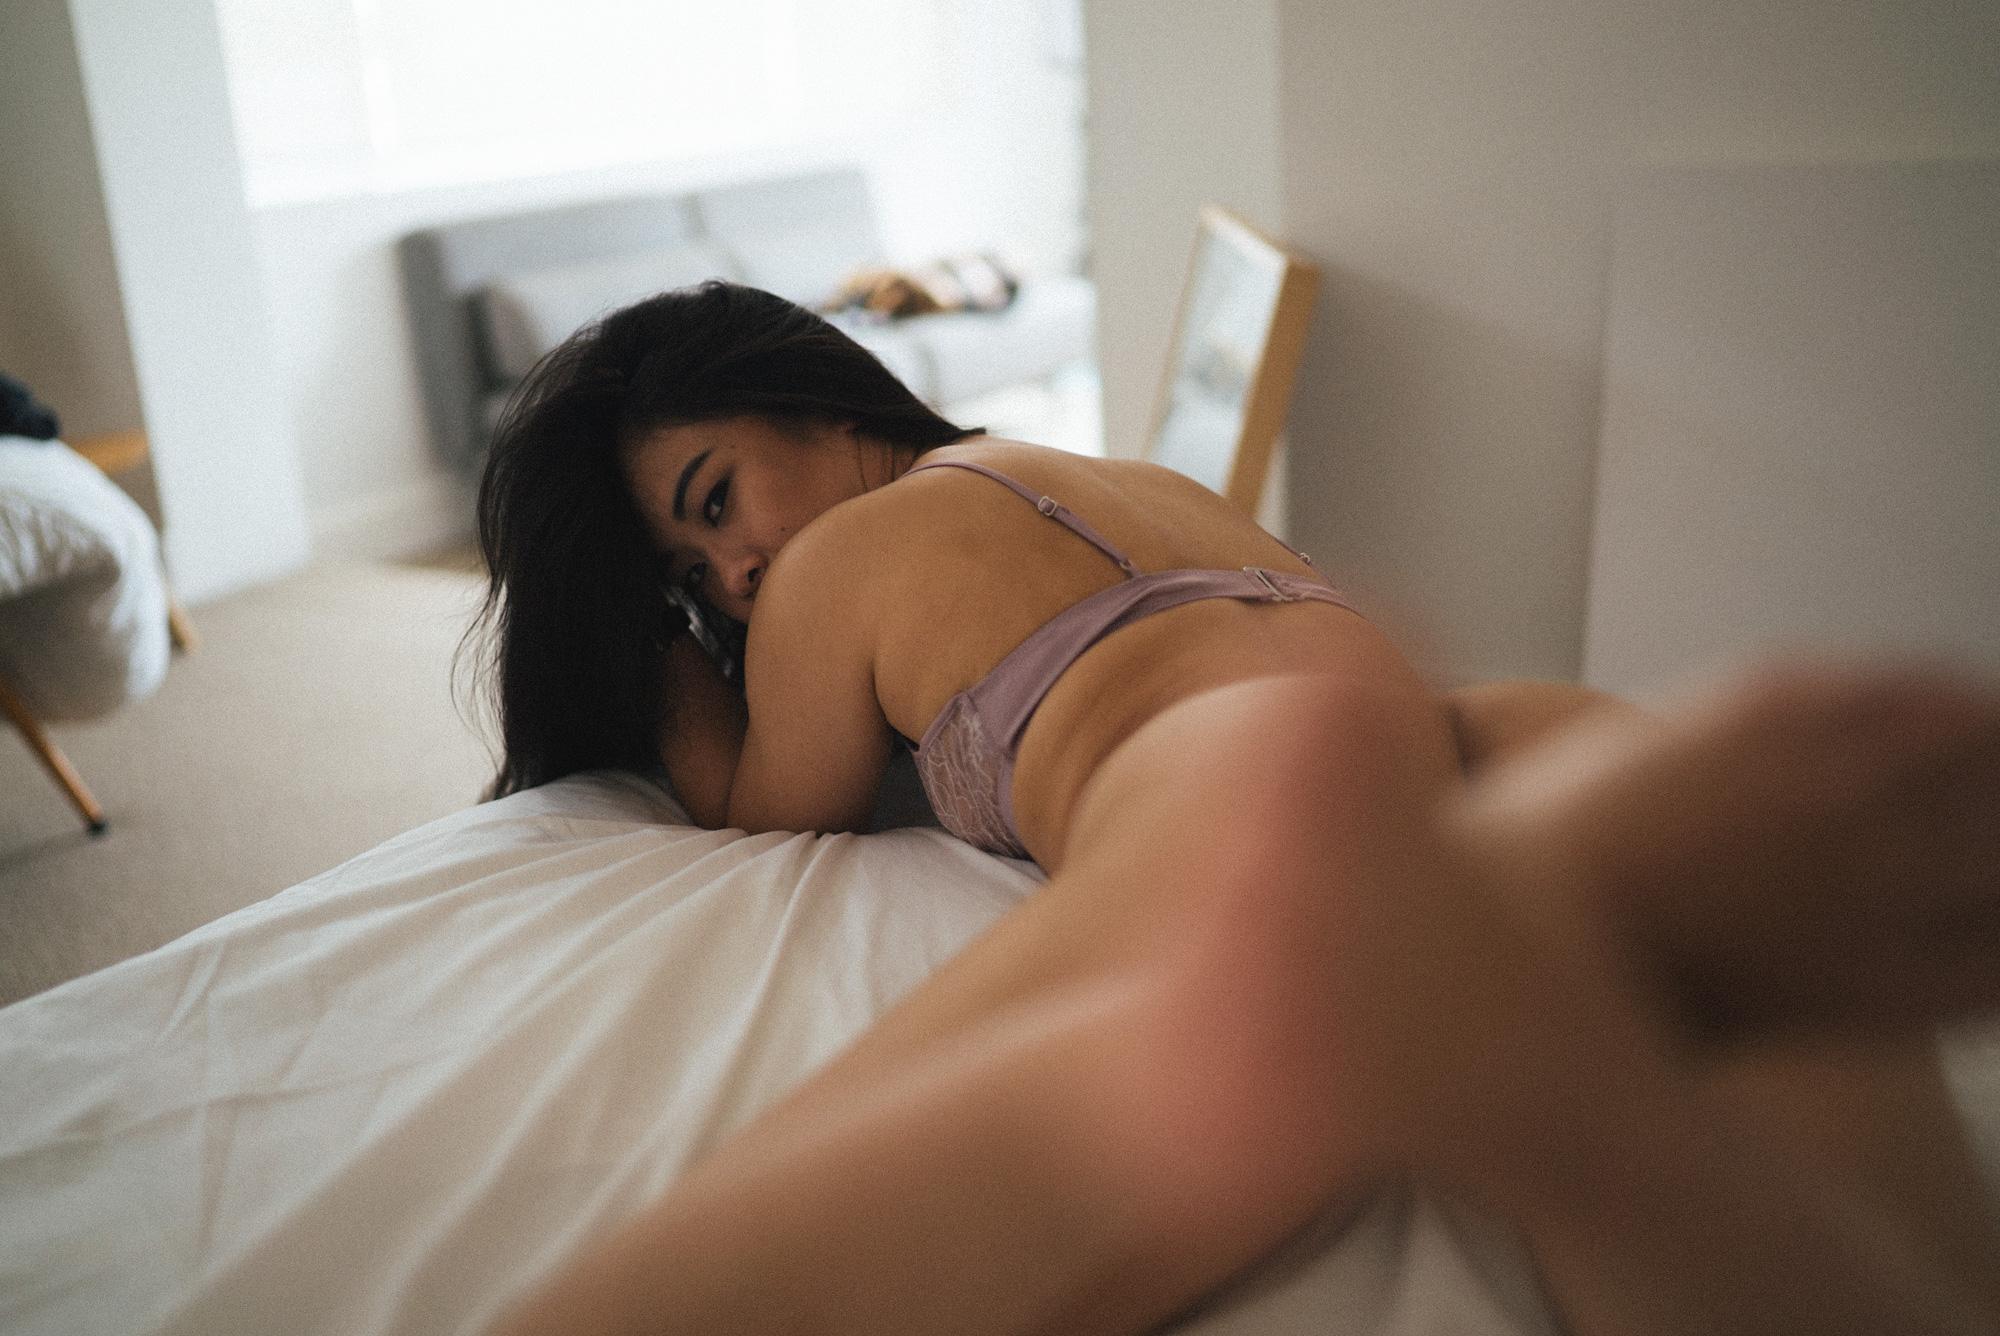 vivx_bed4